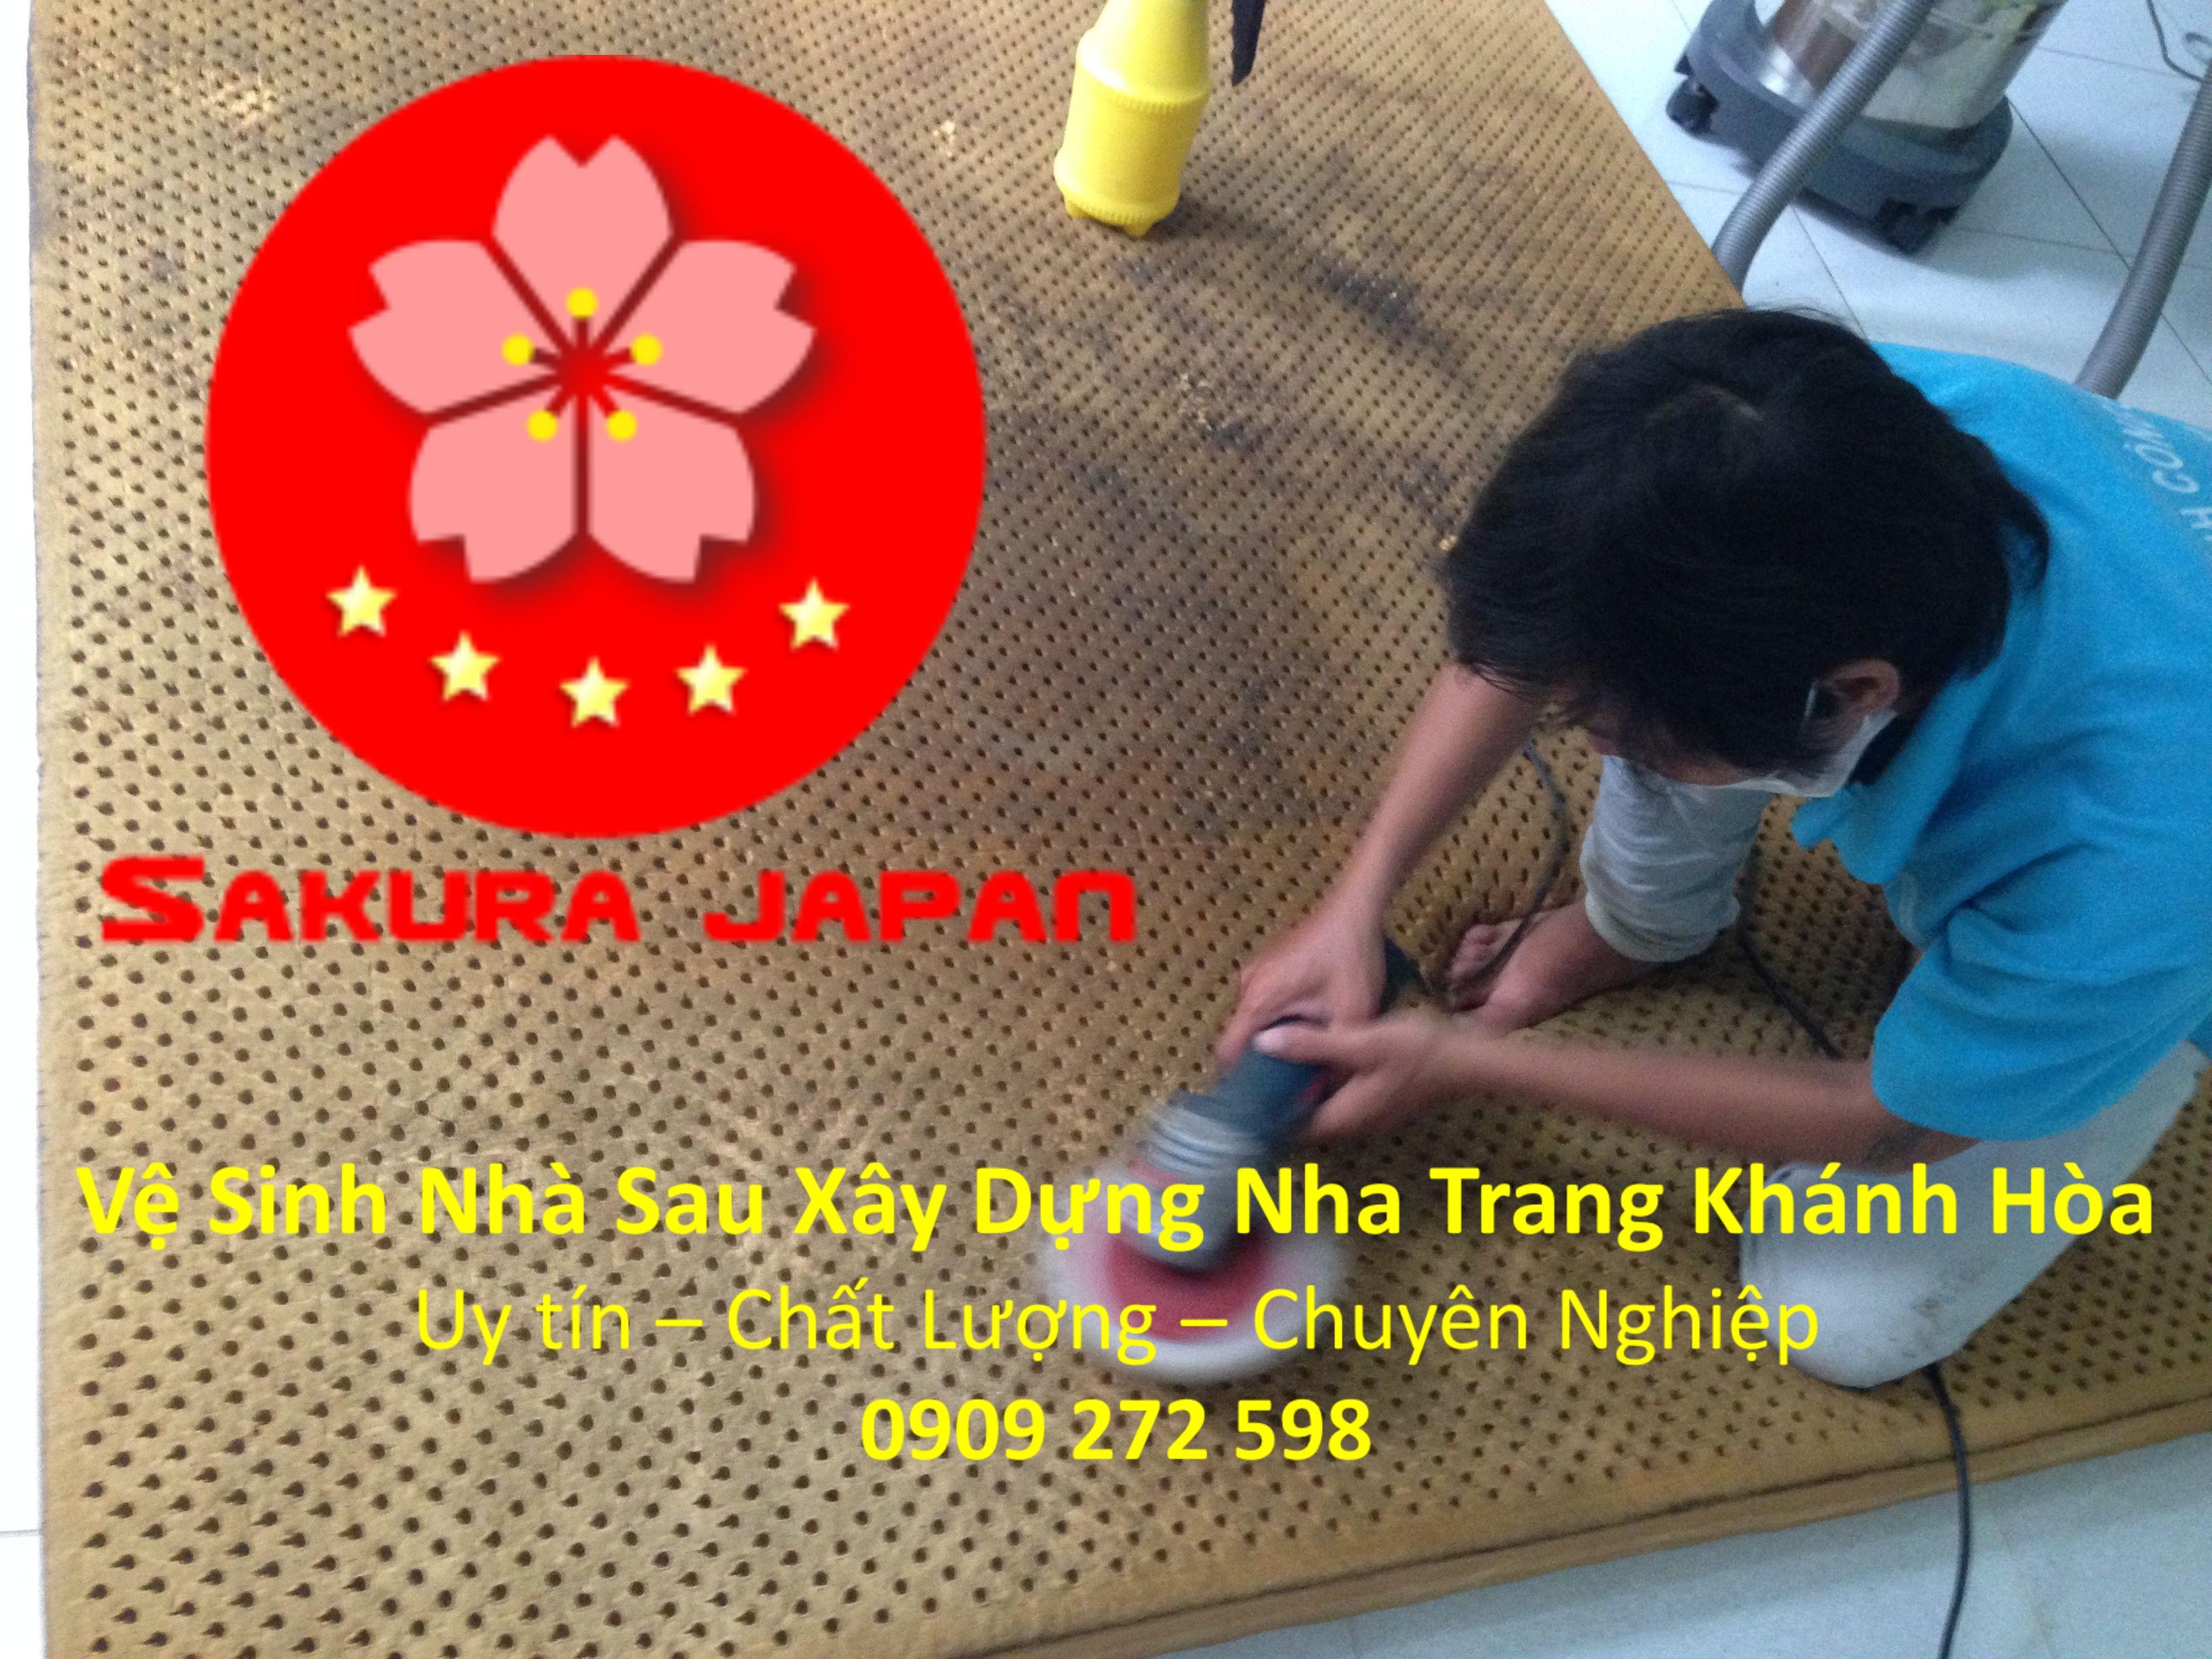 Dịch vụ Giặt Nệm Bông tại Nha Trang Giá Rẻ Uy Tín Nhất